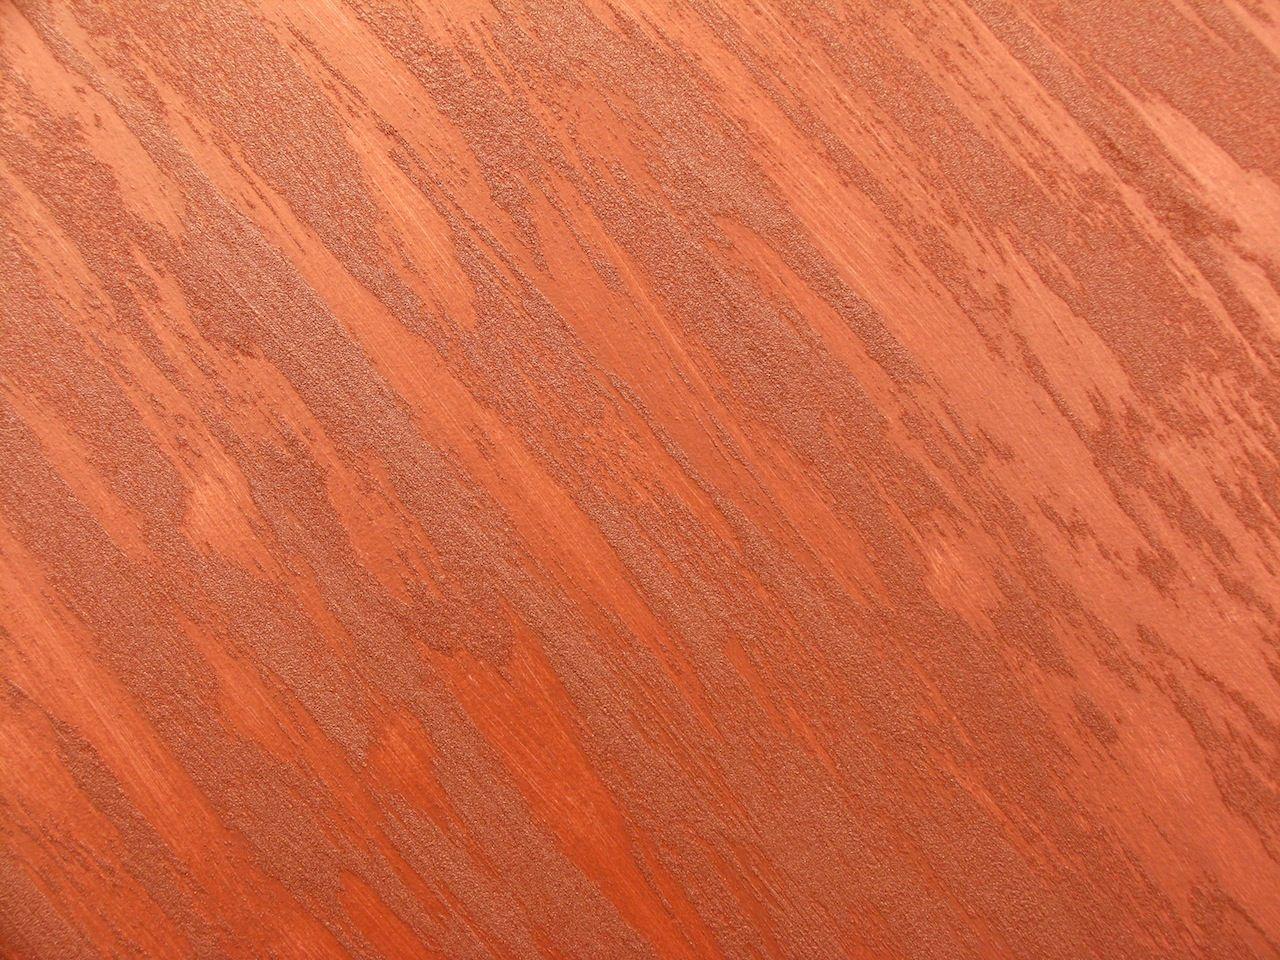 Kalahari pittura decorativa effetto sabbia con trama - Nuove pitture decorative per interni ...